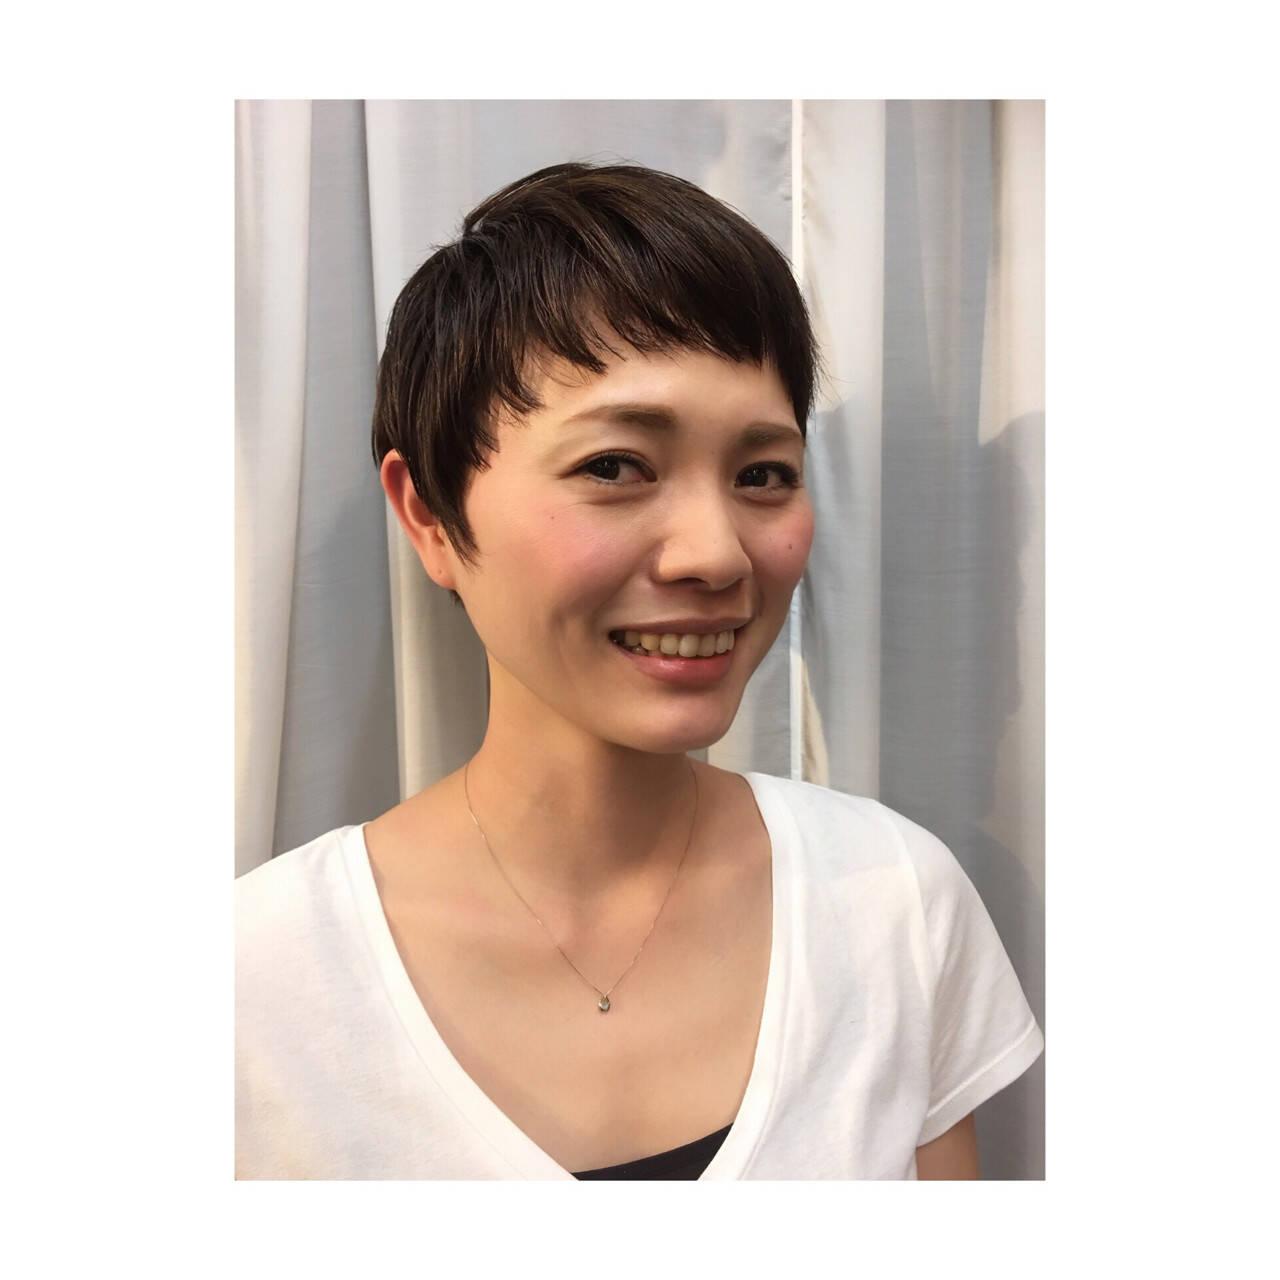 小顔 モード 黒髪 ベリーショートヘアスタイルや髪型の写真・画像